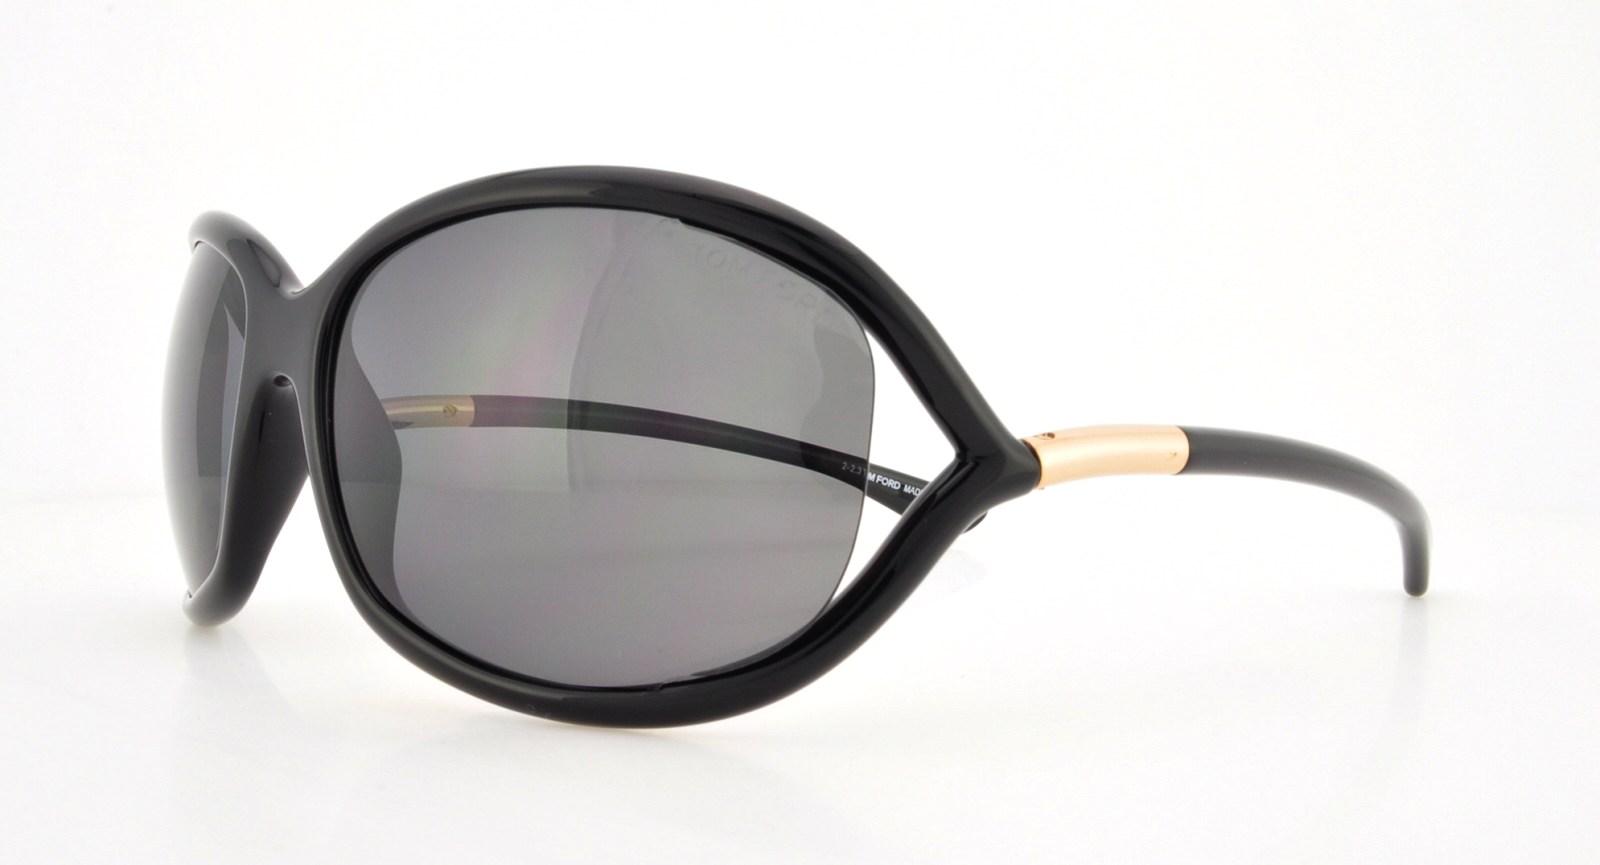 099fdfcff5d Designer Frames Outlet. Tom Ford FT0008 Jennifer